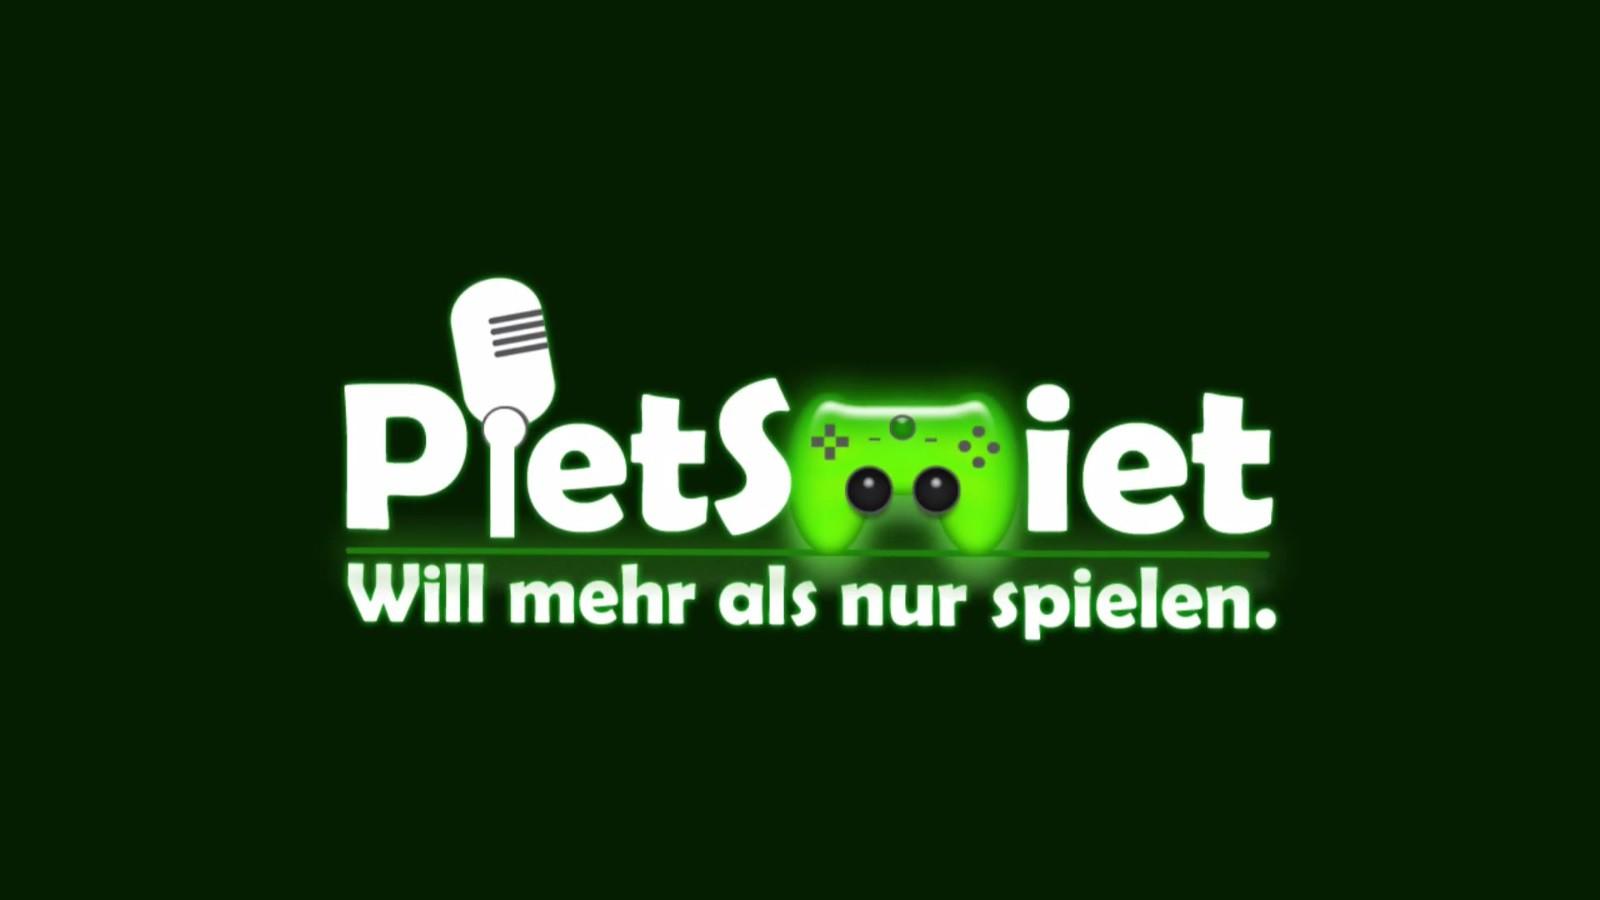 pietsmiet-logo